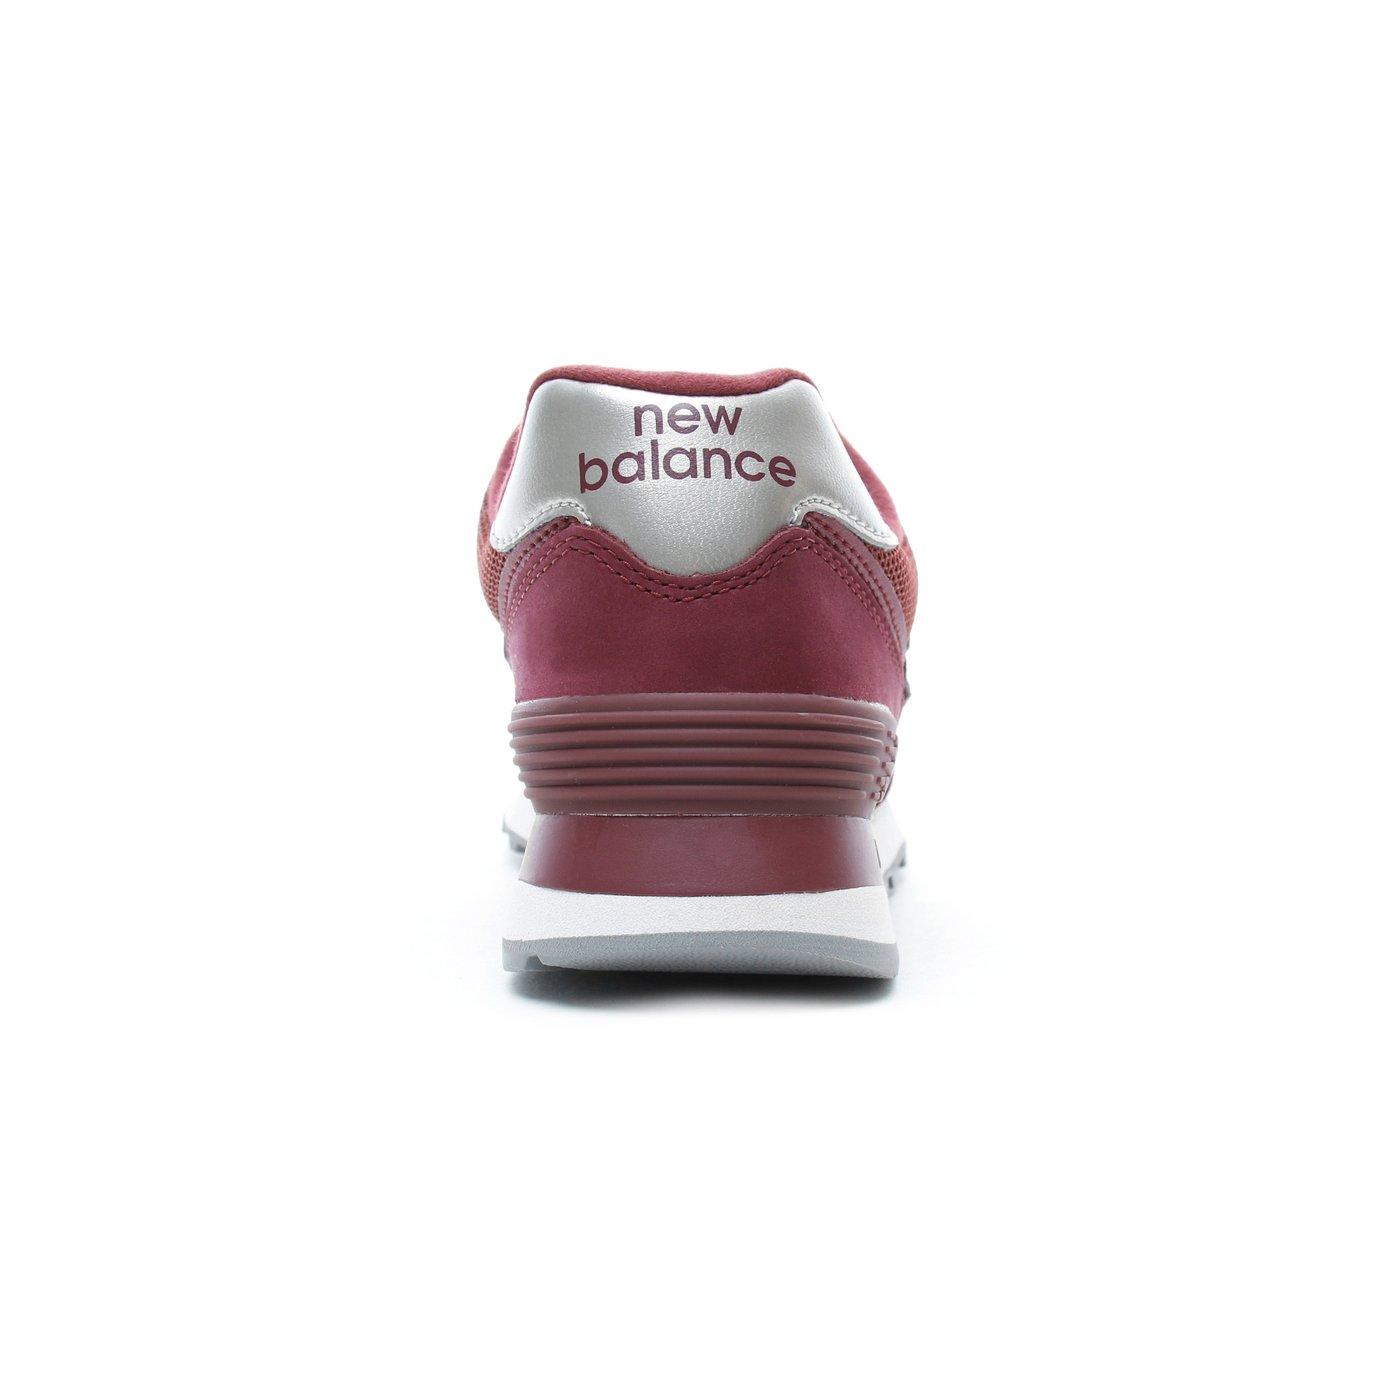 New Balance Kadın Bordo Spor Ayakkabı